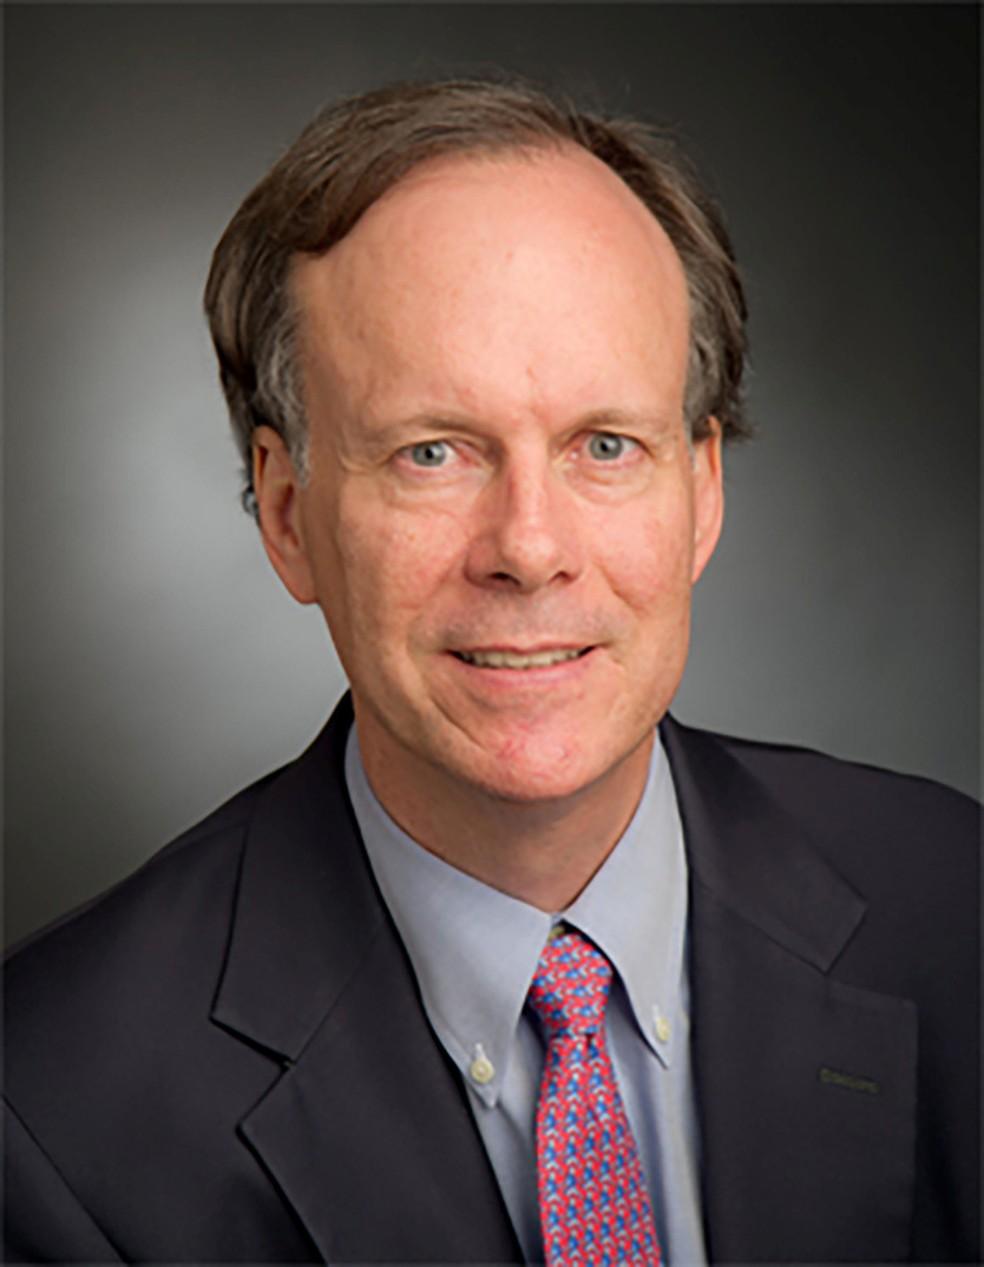 O cientista William Kaelin, um dos vencedores do prêmio nobel de Medicina deste ano. — Foto: Harvard University/Handout via Reuters